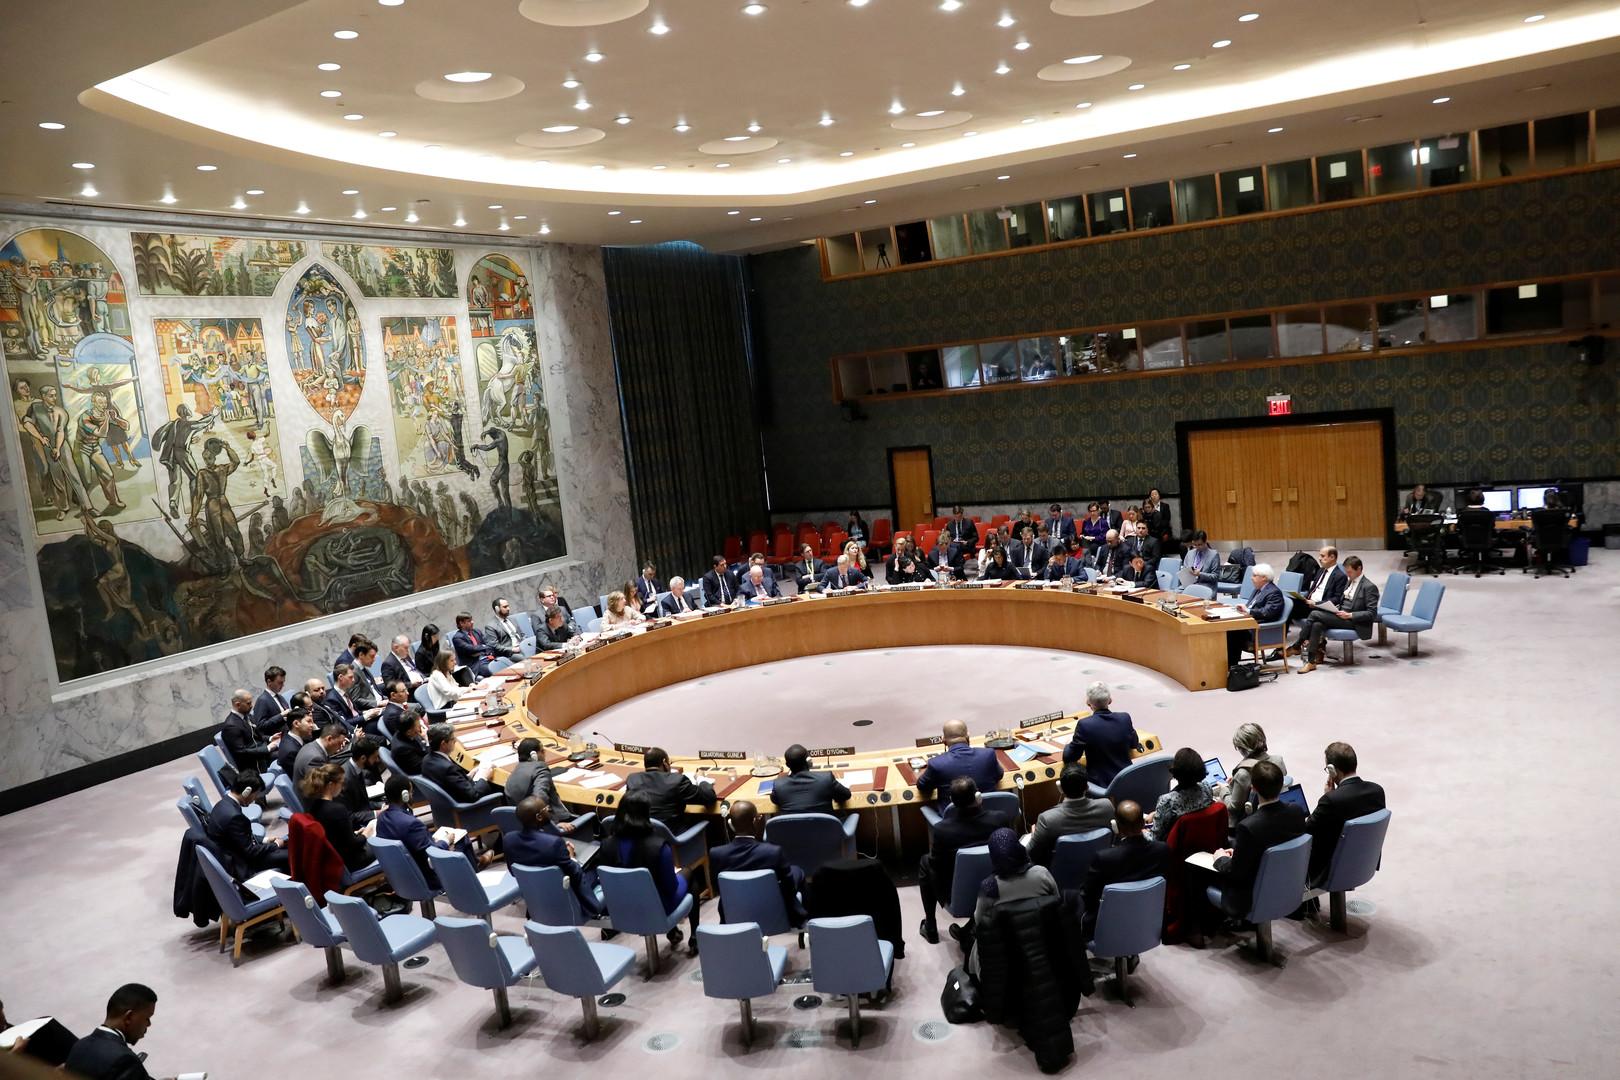 الجعفري: اتفاق خفض التصعيد في إدلب مؤقت وحفظه يتطلب إنهاء النظام التركي احتلاله أراضي سورية